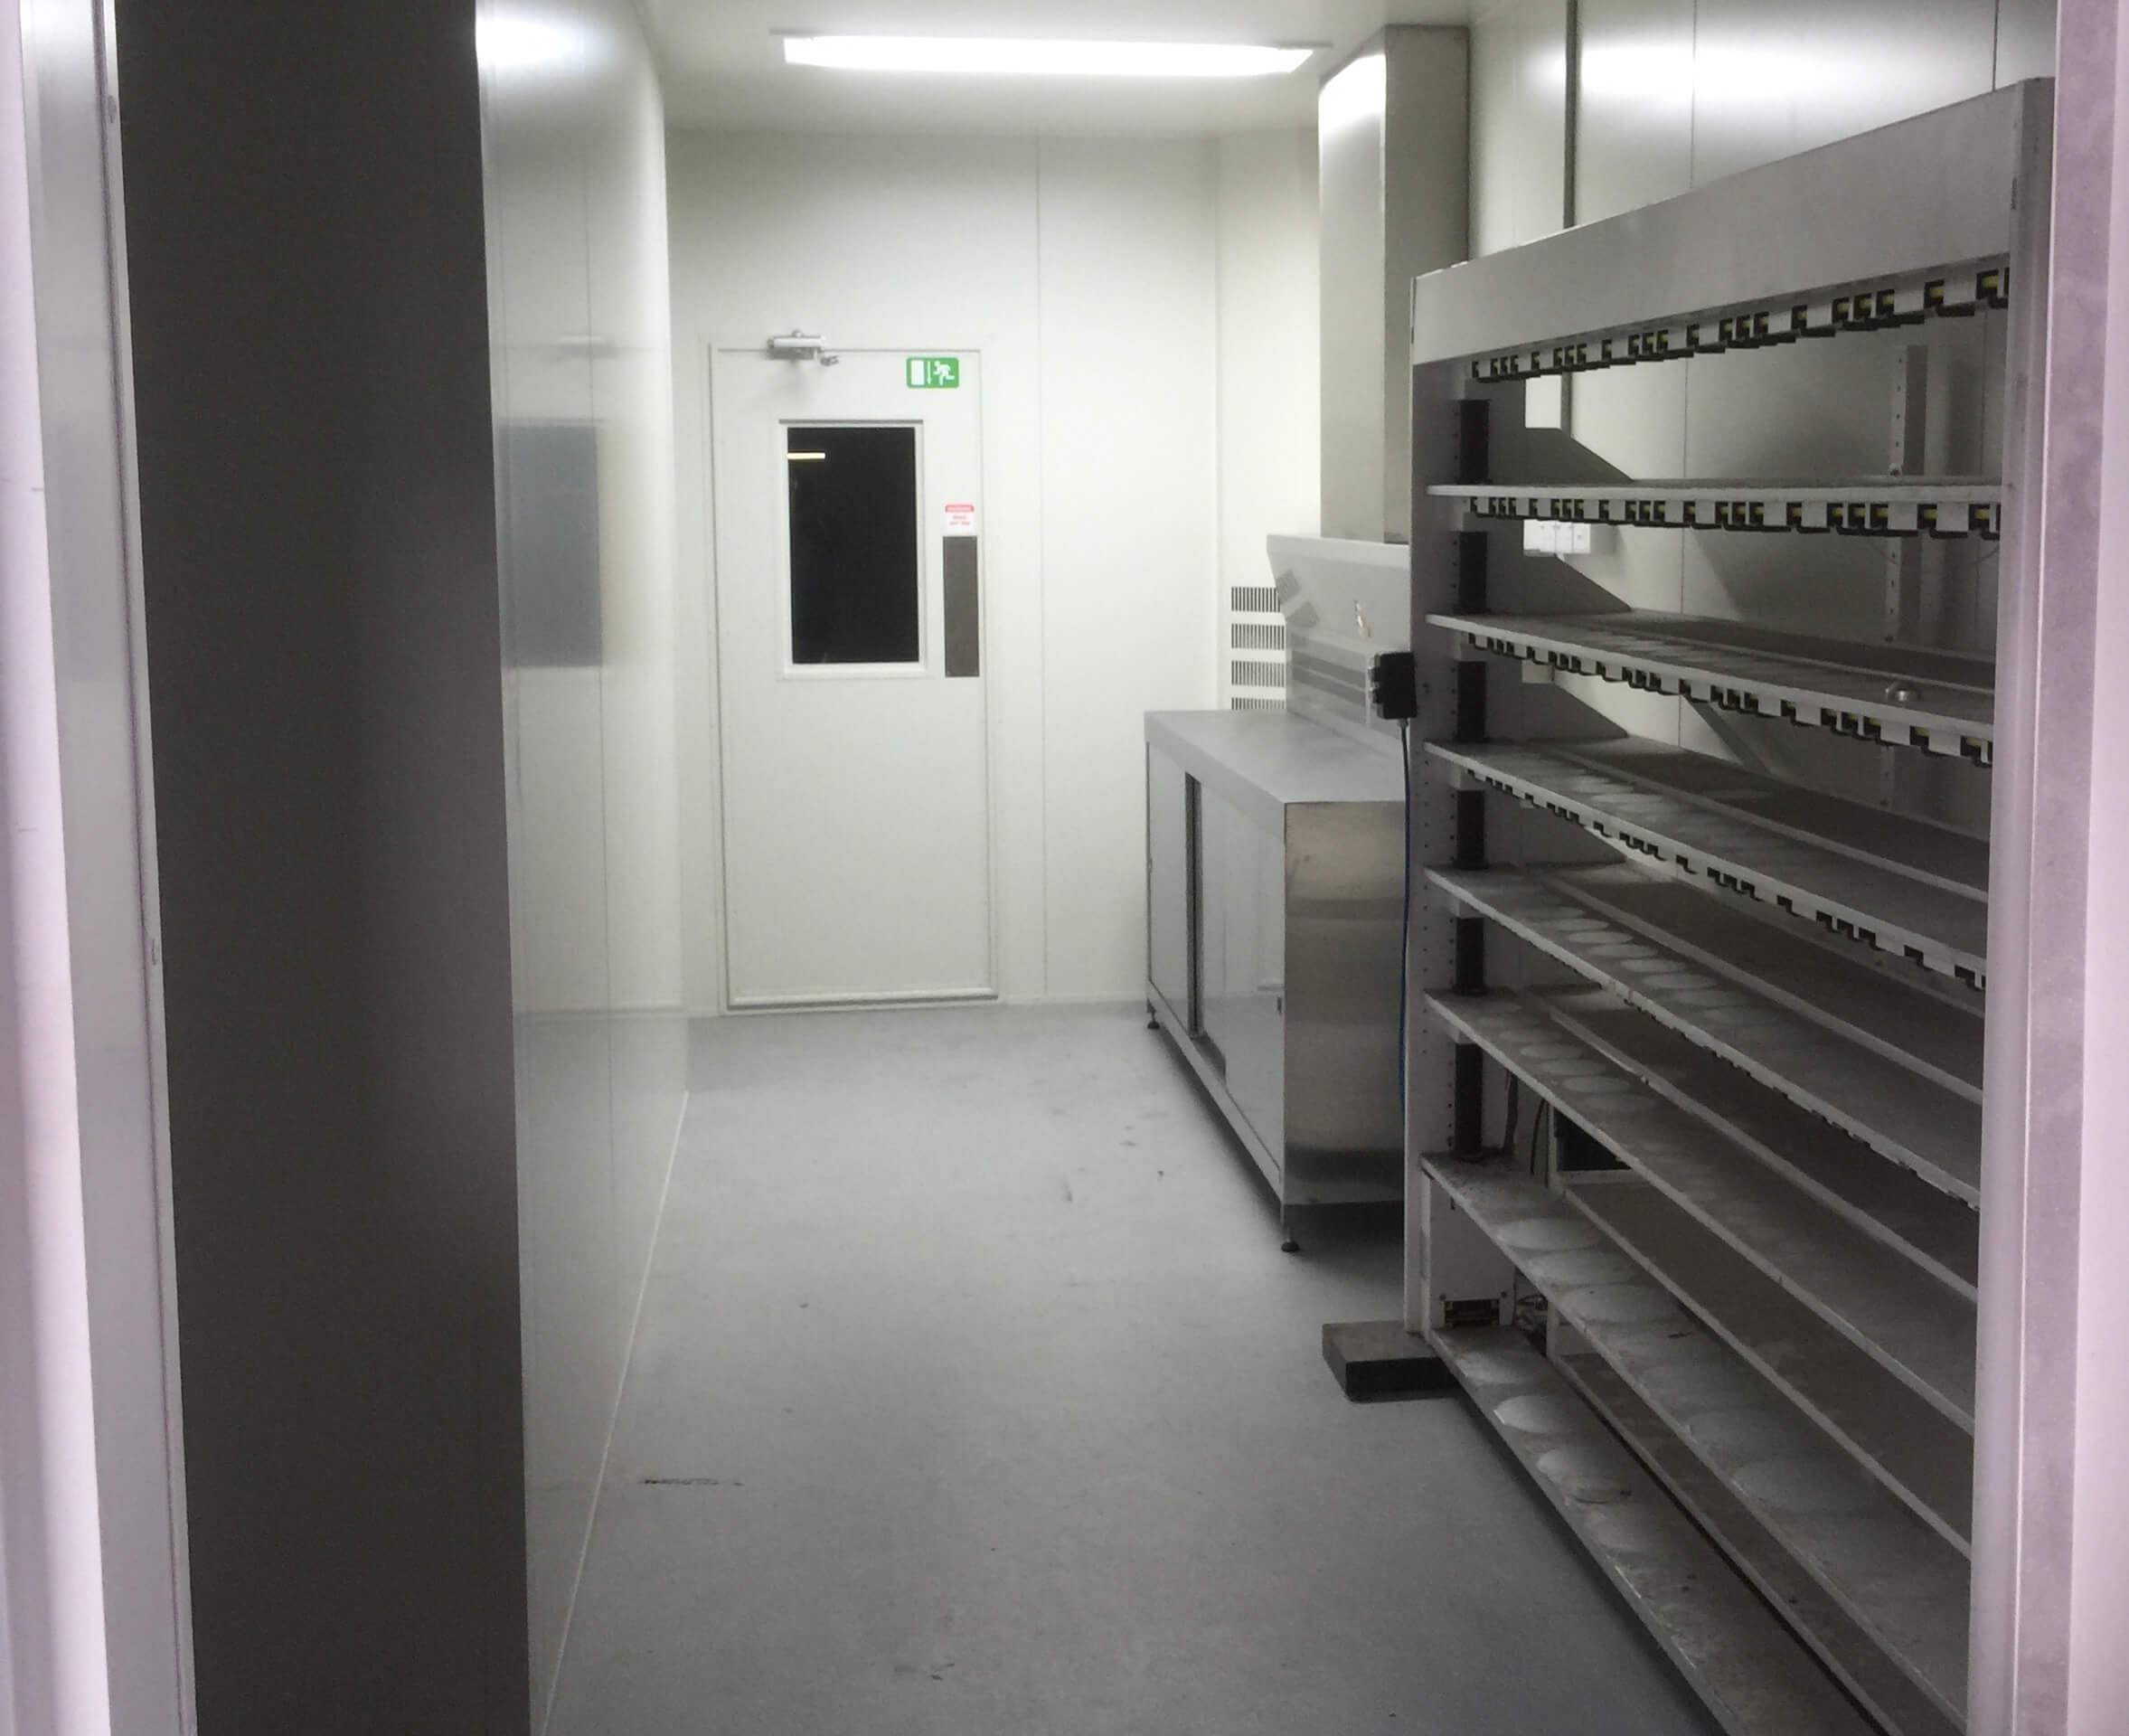 Rooms: Paint Mix & Storage